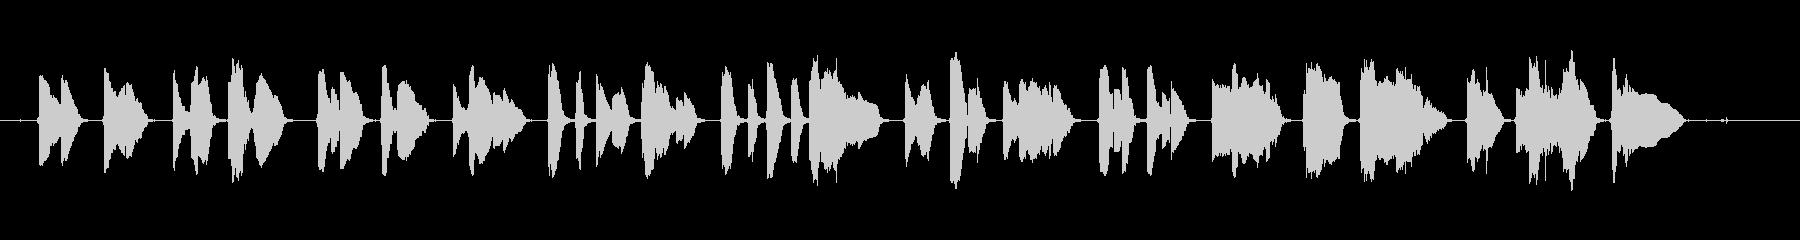 サックス1本で作りました。退廃的な曲で…の未再生の波形